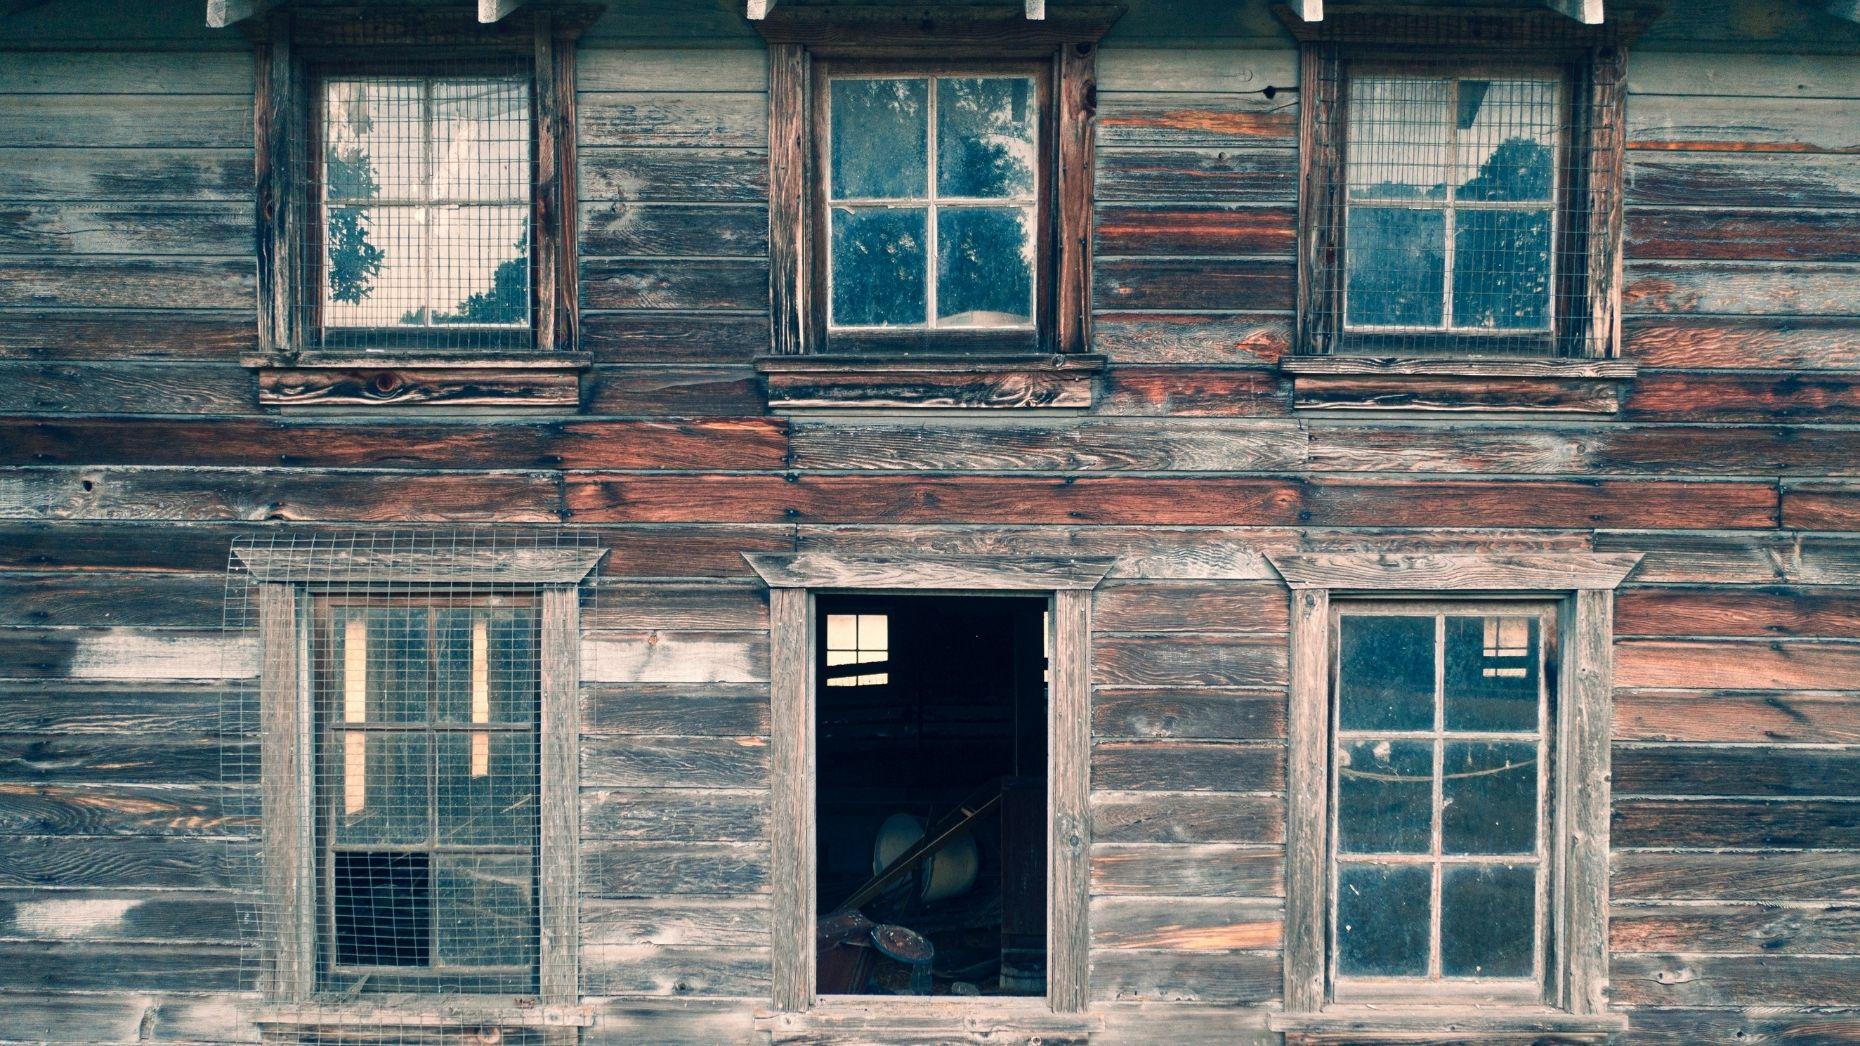 US foreclosure filings increase 20% in October despite moratoriums